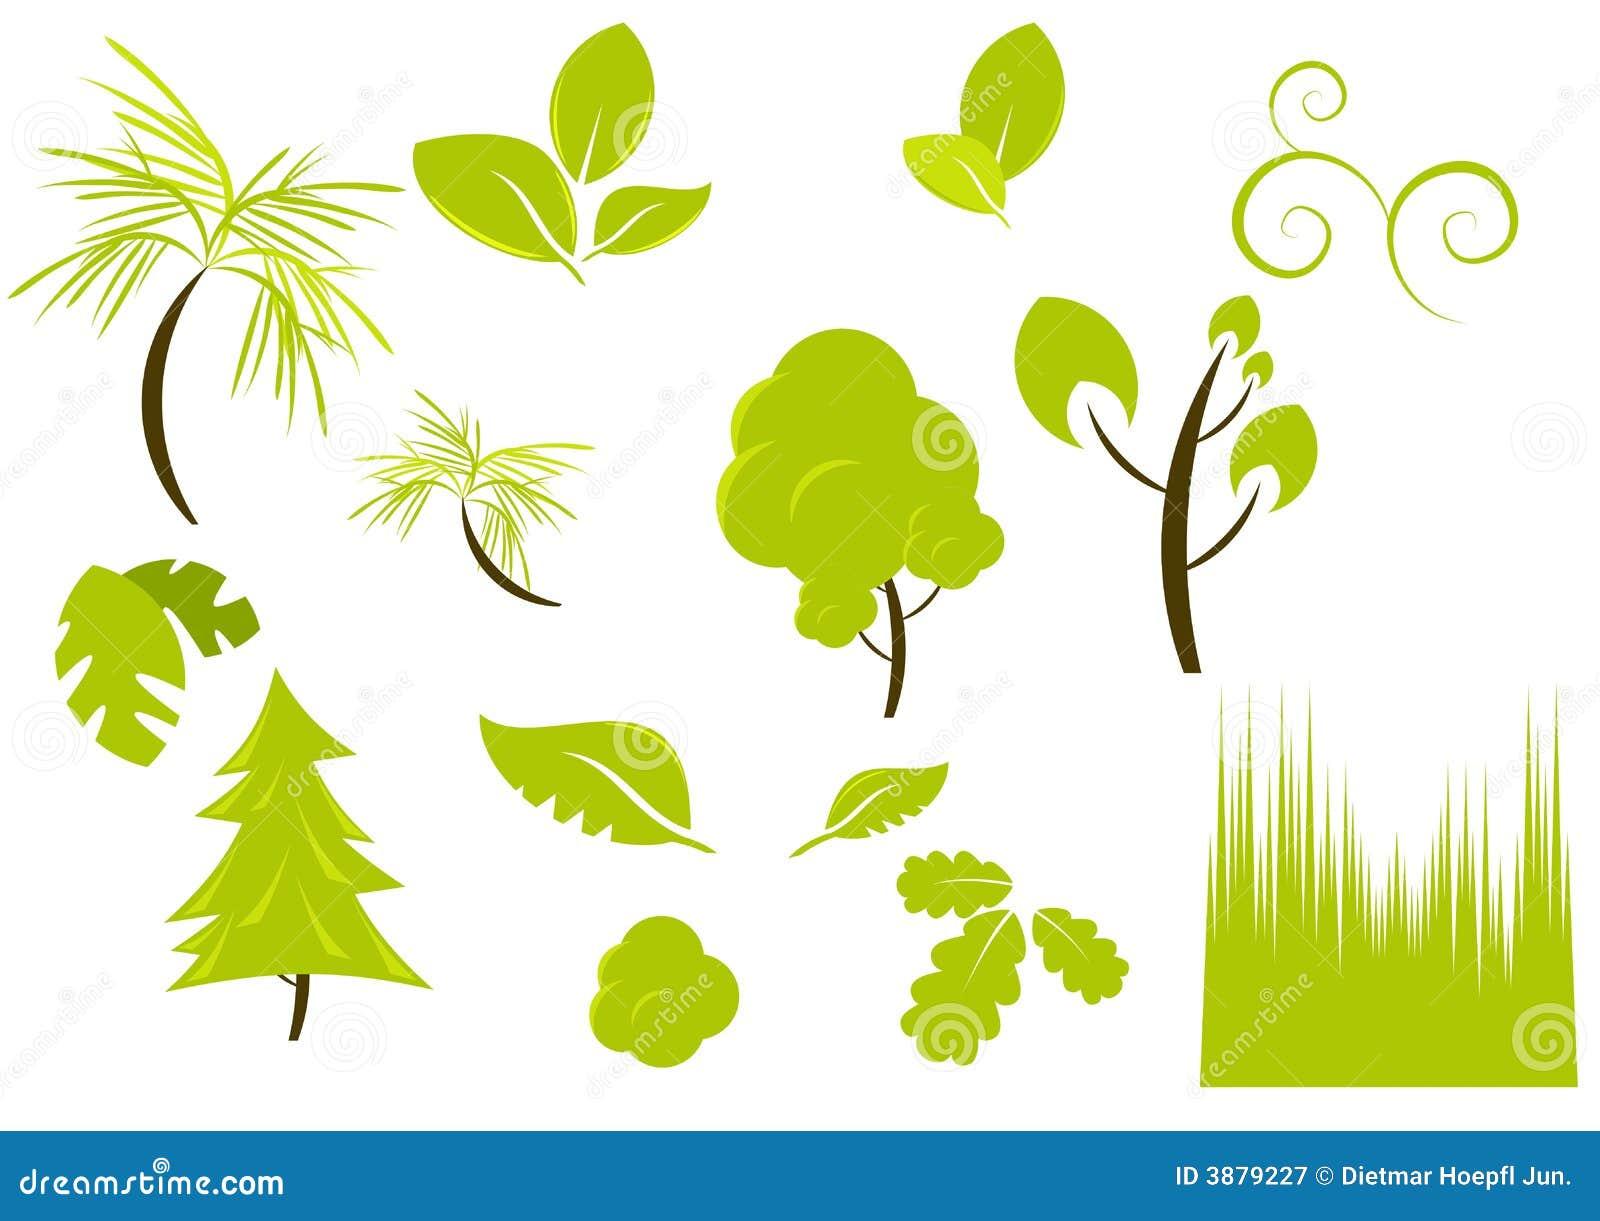 Piante E Disegni Della Vegetazione Fotografia Stock Libera ...